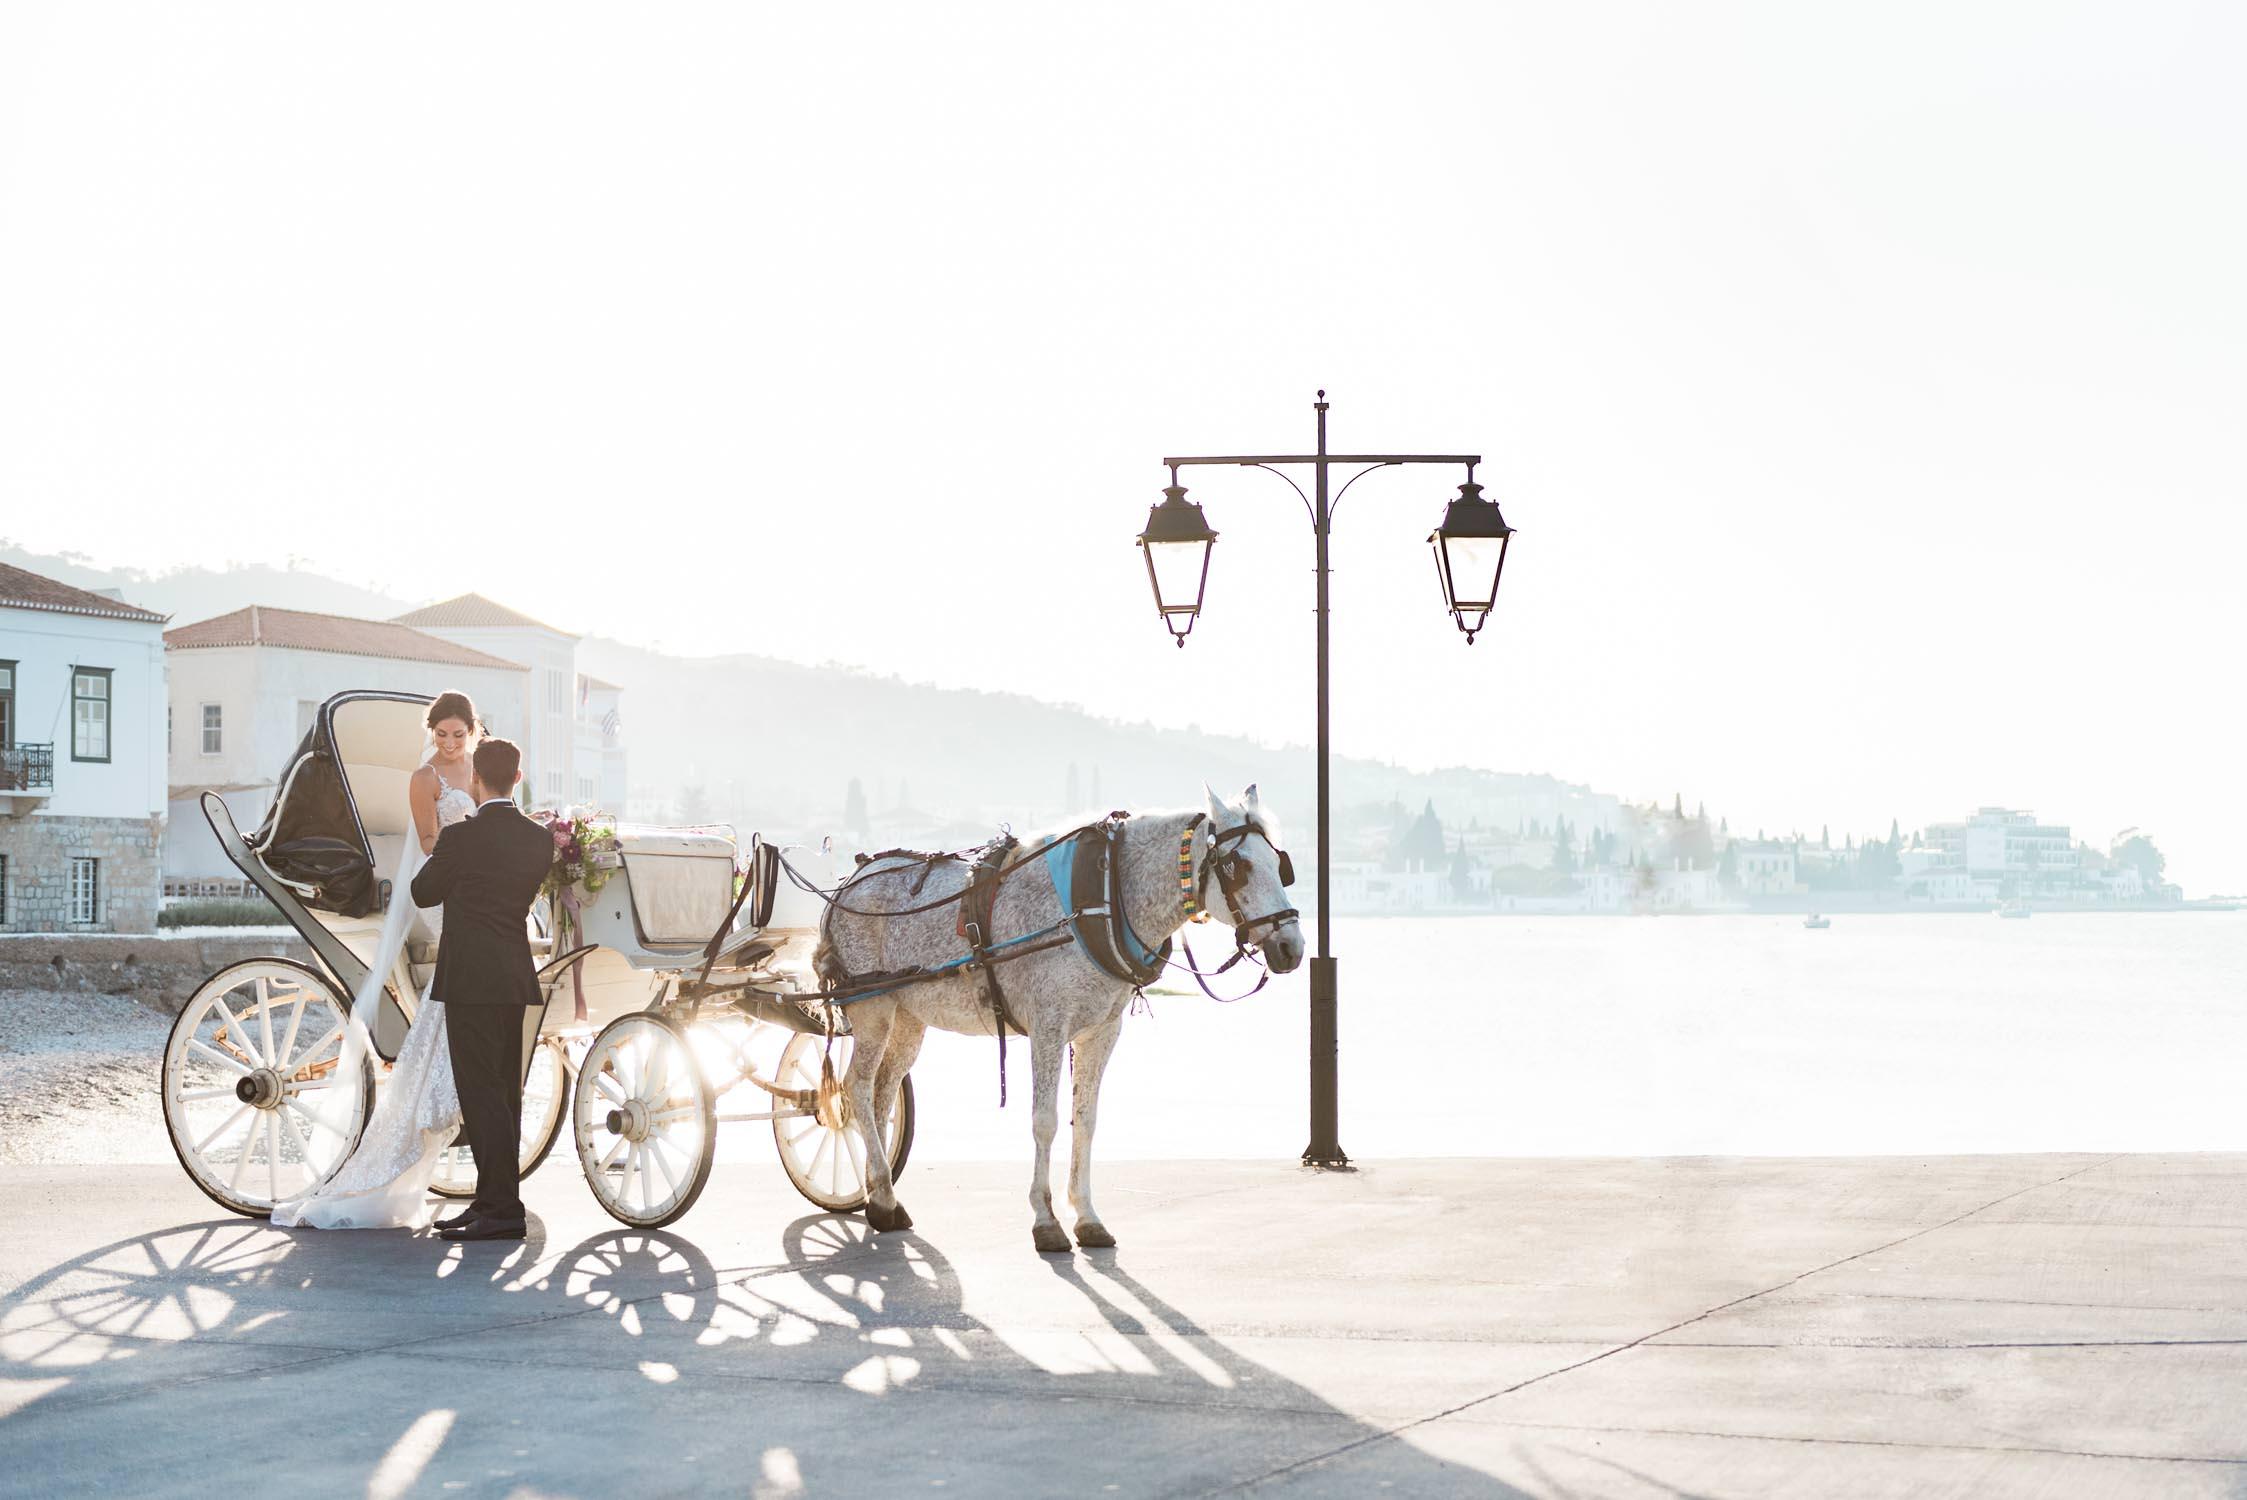 Bruiloft in Griekenland, vastgelegd door een Nederlandse trouwfotograaf